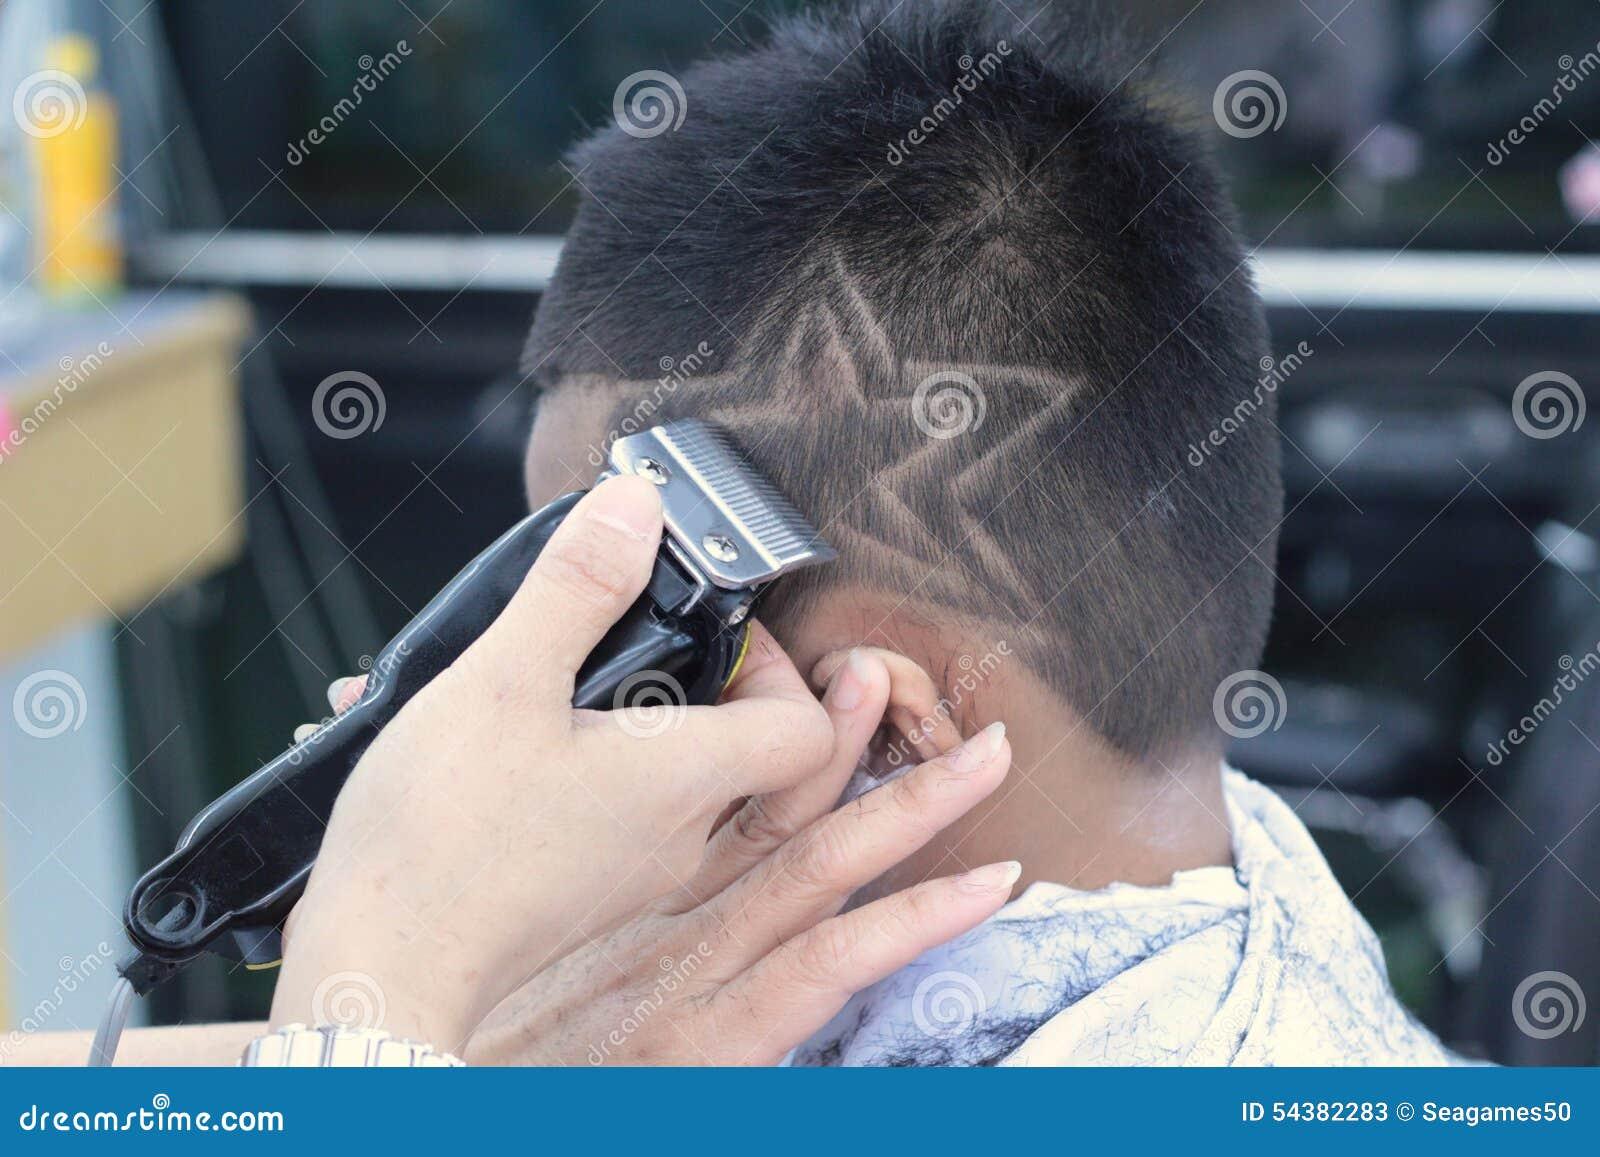 La coupe de cheveux du gar on avec la tondeuse et le rasoir dans le salon de coiffure photo Coupe garcon tondeuse